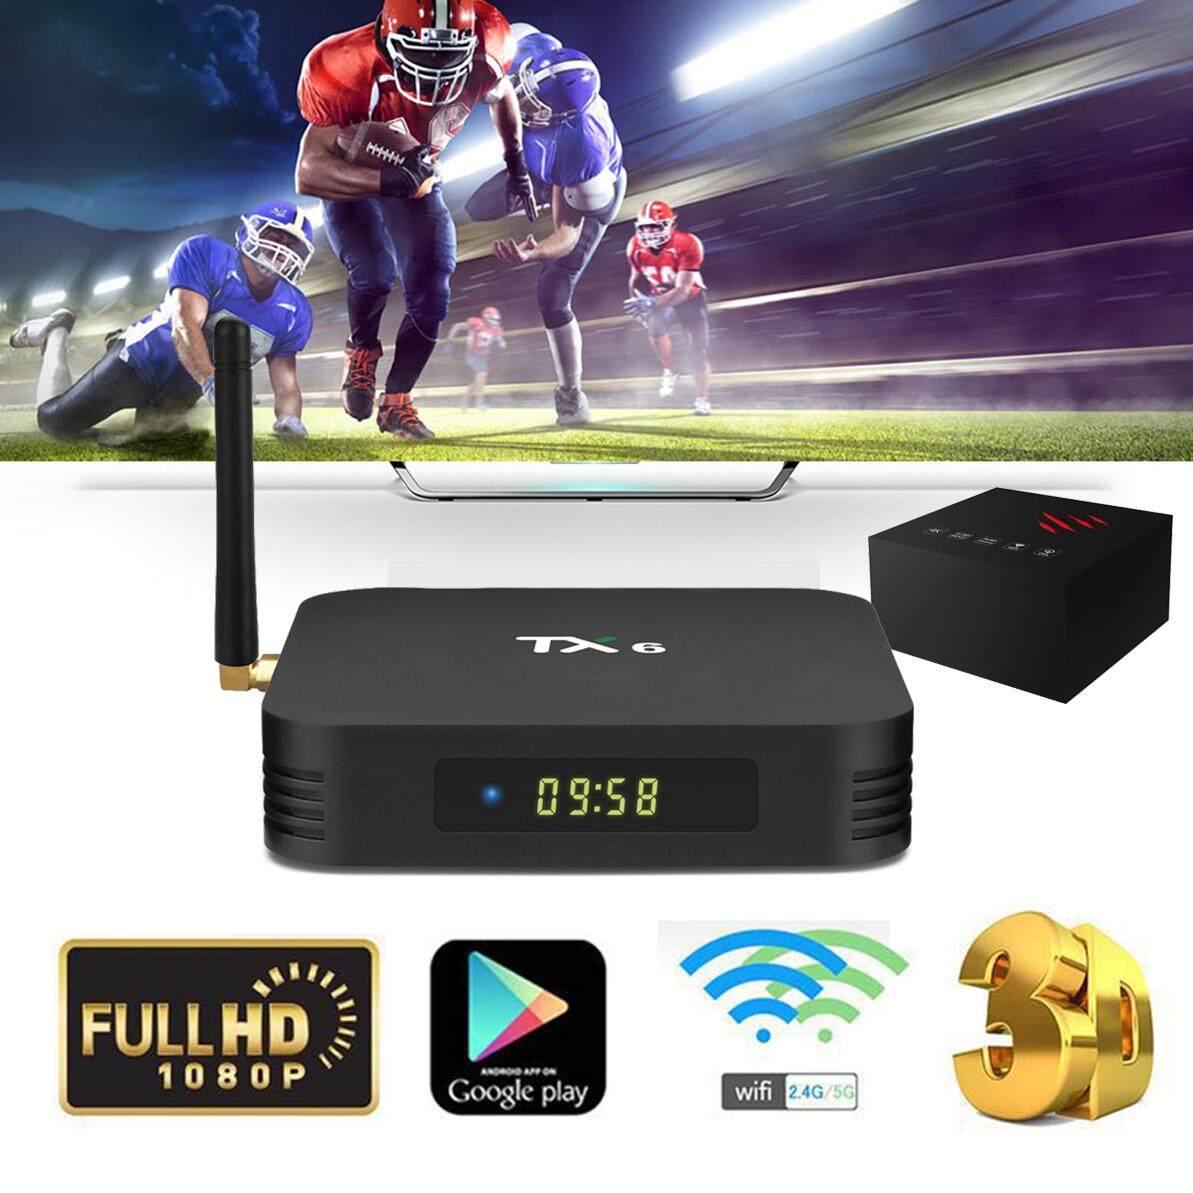 สินเชื่อบุคคลซิตี้  กาฬสินธุ์ TX6 Allwinner H6 Ram 4GB / 32GB Android 9.0 กล่องทีวี 4K TV Box รุ่นใหม่ปี 2019 TX6 Quad Core รองรับบลูทูธ +แอพดูฟรีทีวีออนไลน์ ละคร ย้อนหลัง ฟังเพลง ยูทูป กูเกิล เฟซบุ๊ค